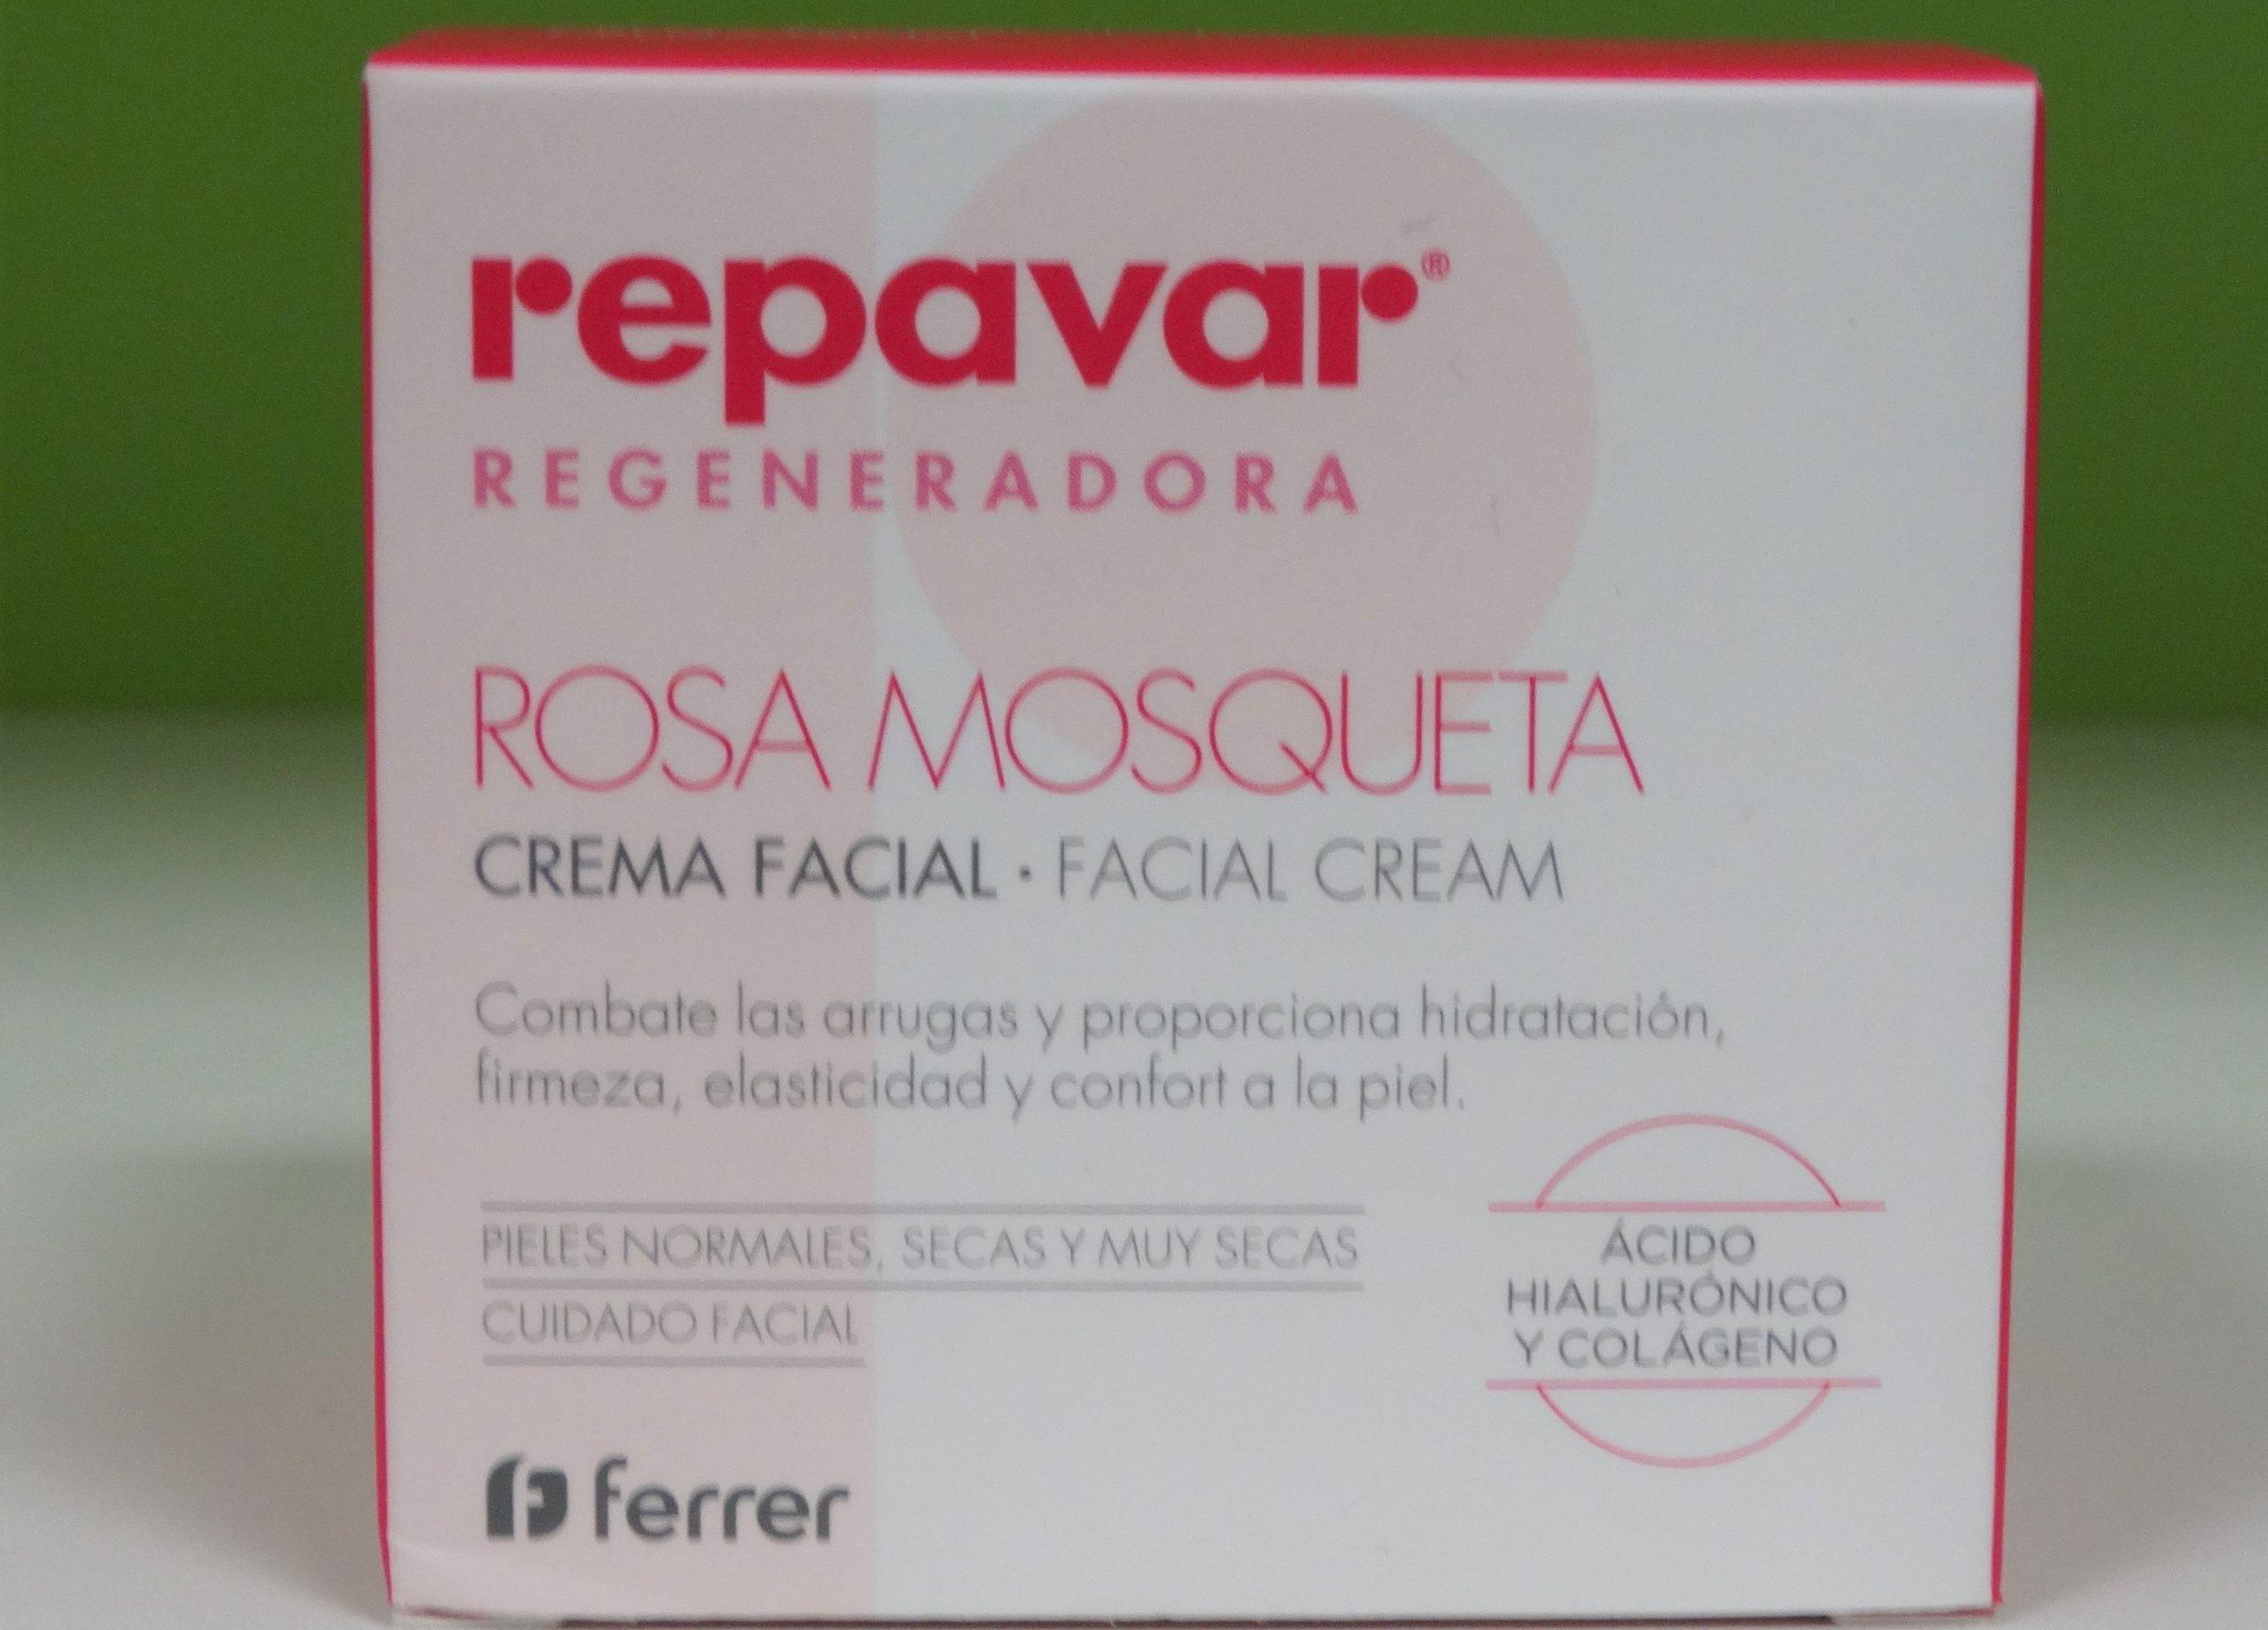 Repavar Regeneradora Crema Nutre y repara. Todo tipo de pieles 125ml de REPAVAR Nutre y repara la piel intensamente. previene la sequedad y proporciona elasticidad